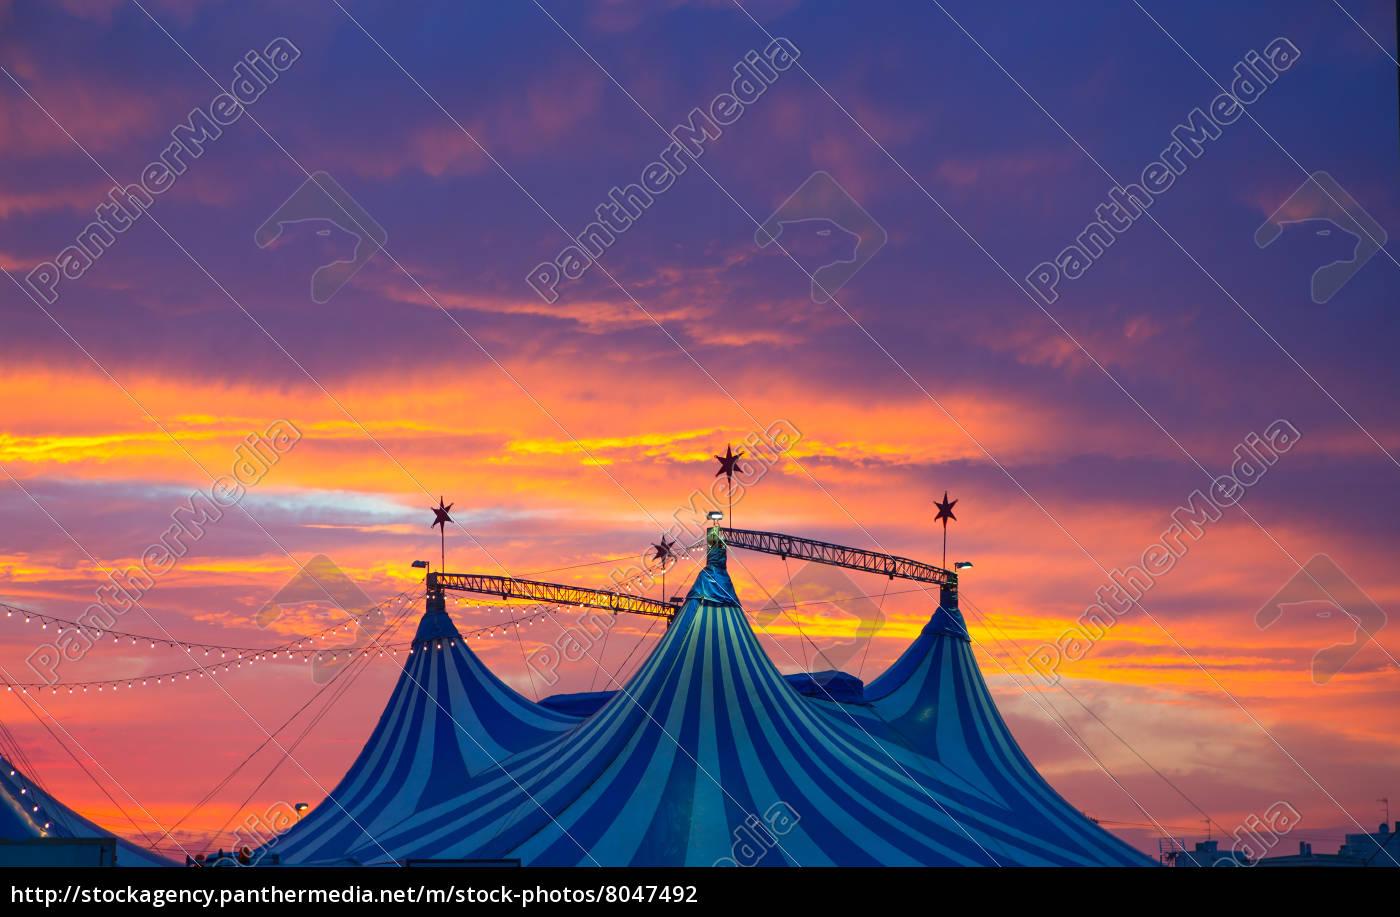 Kendte cirkustelt i en dramatisk solnedgang himmel farverige - Stockphoto OX-02